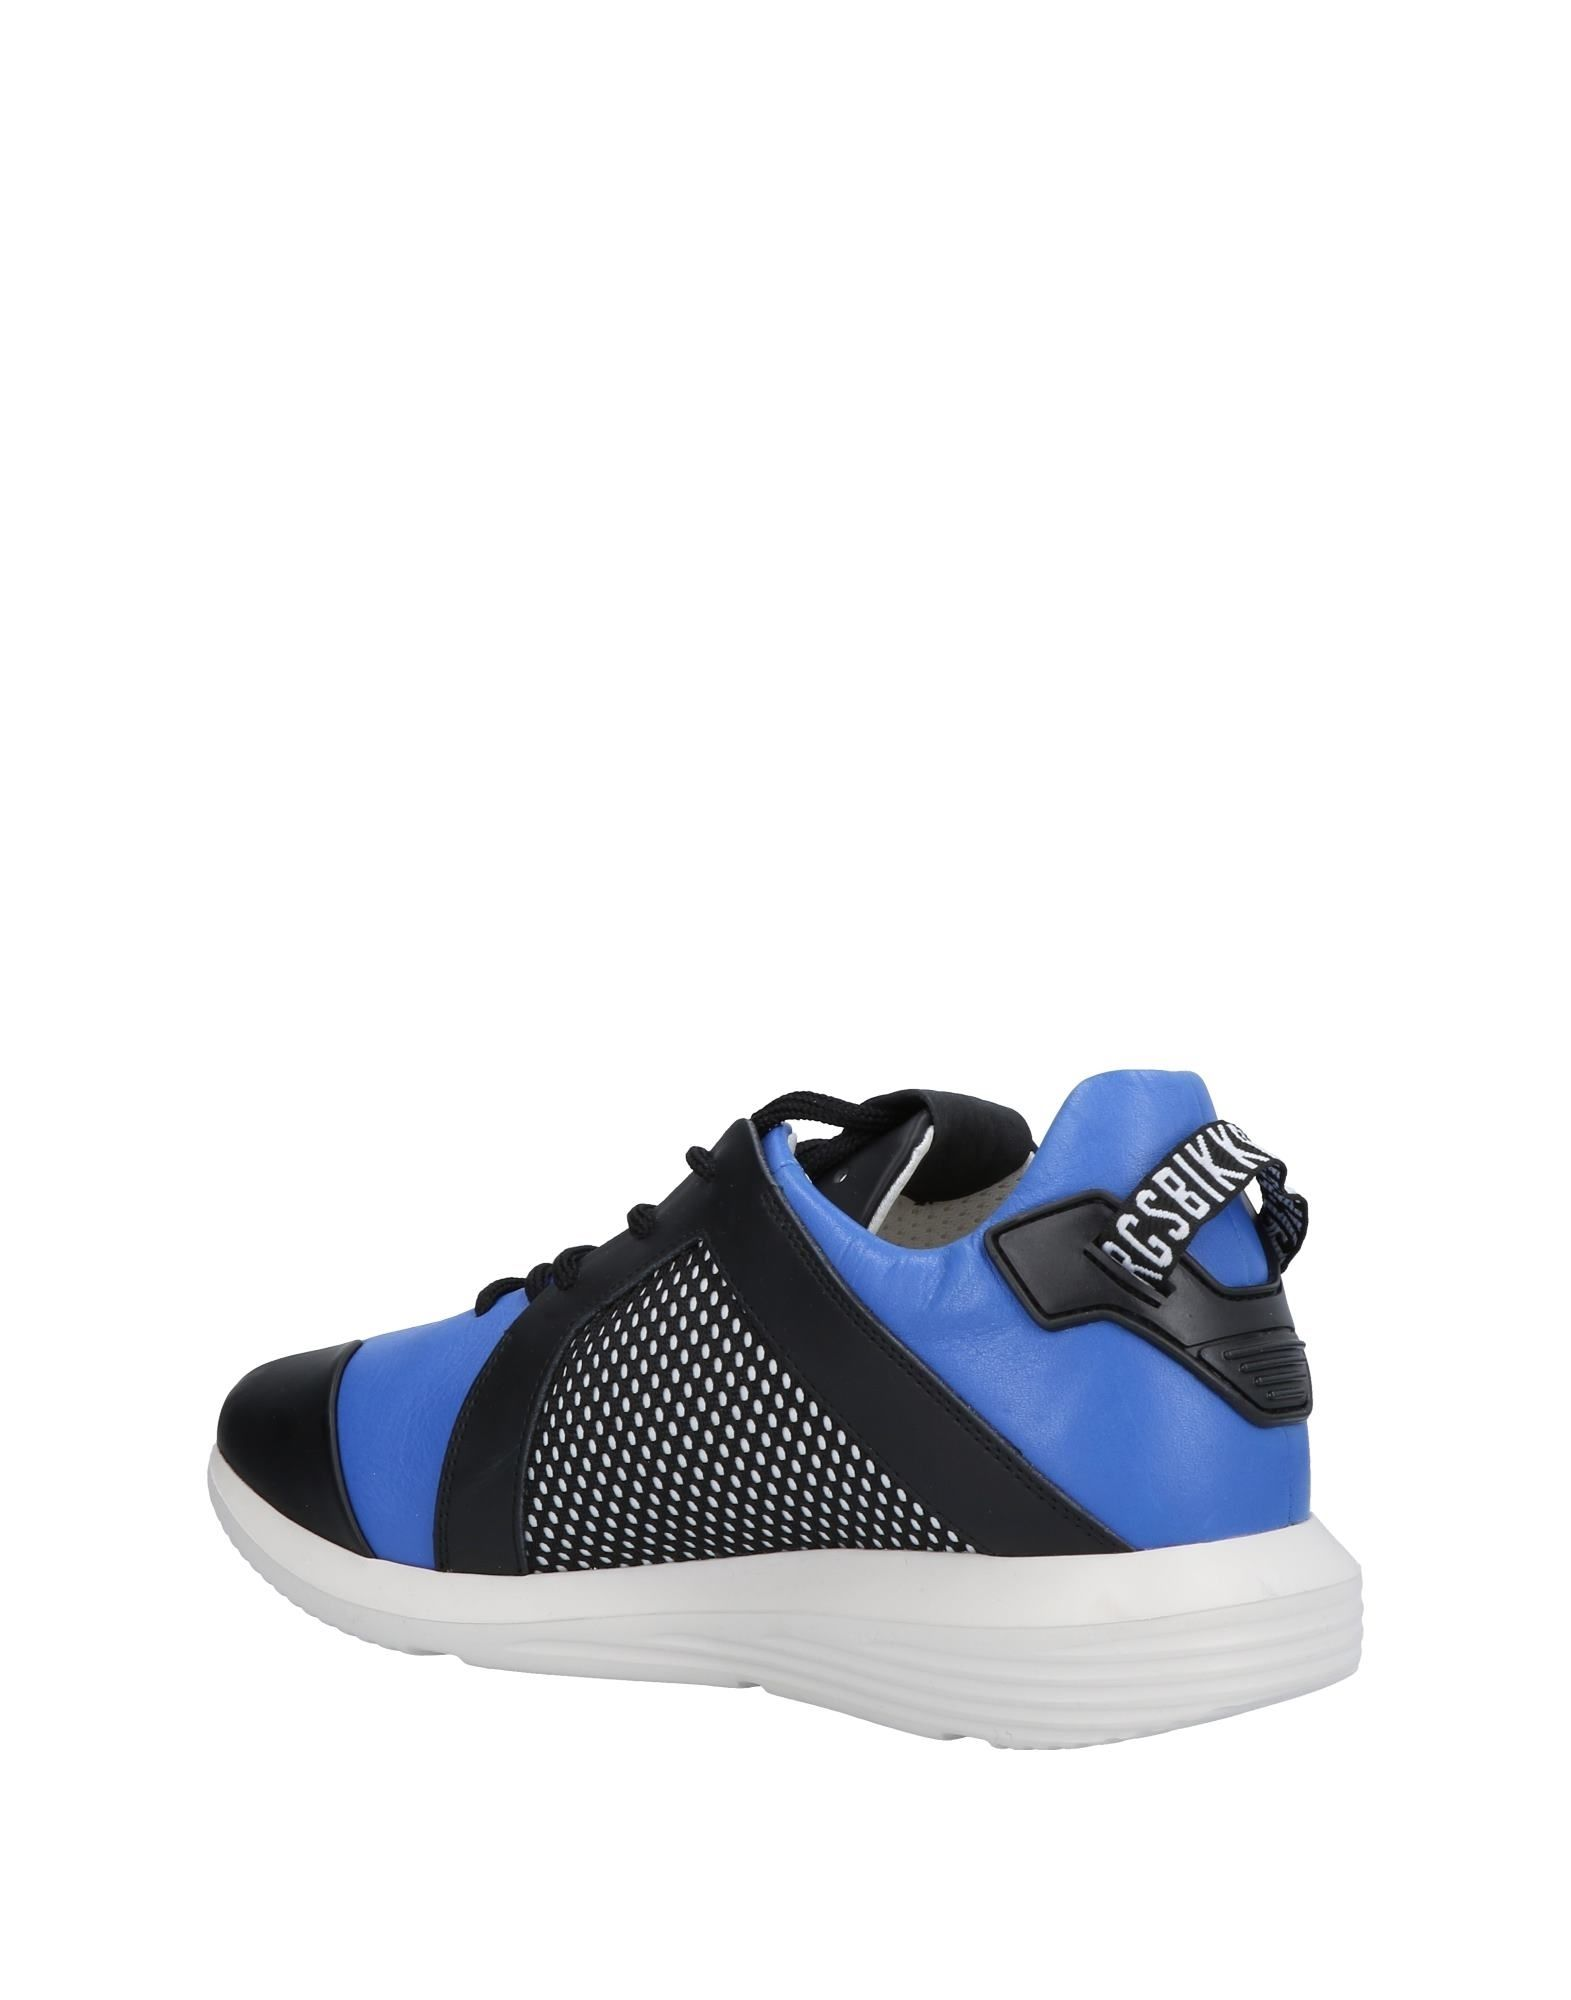 Bikkembergs Sneakers Herren Herren Sneakers  11461271QX cb362b